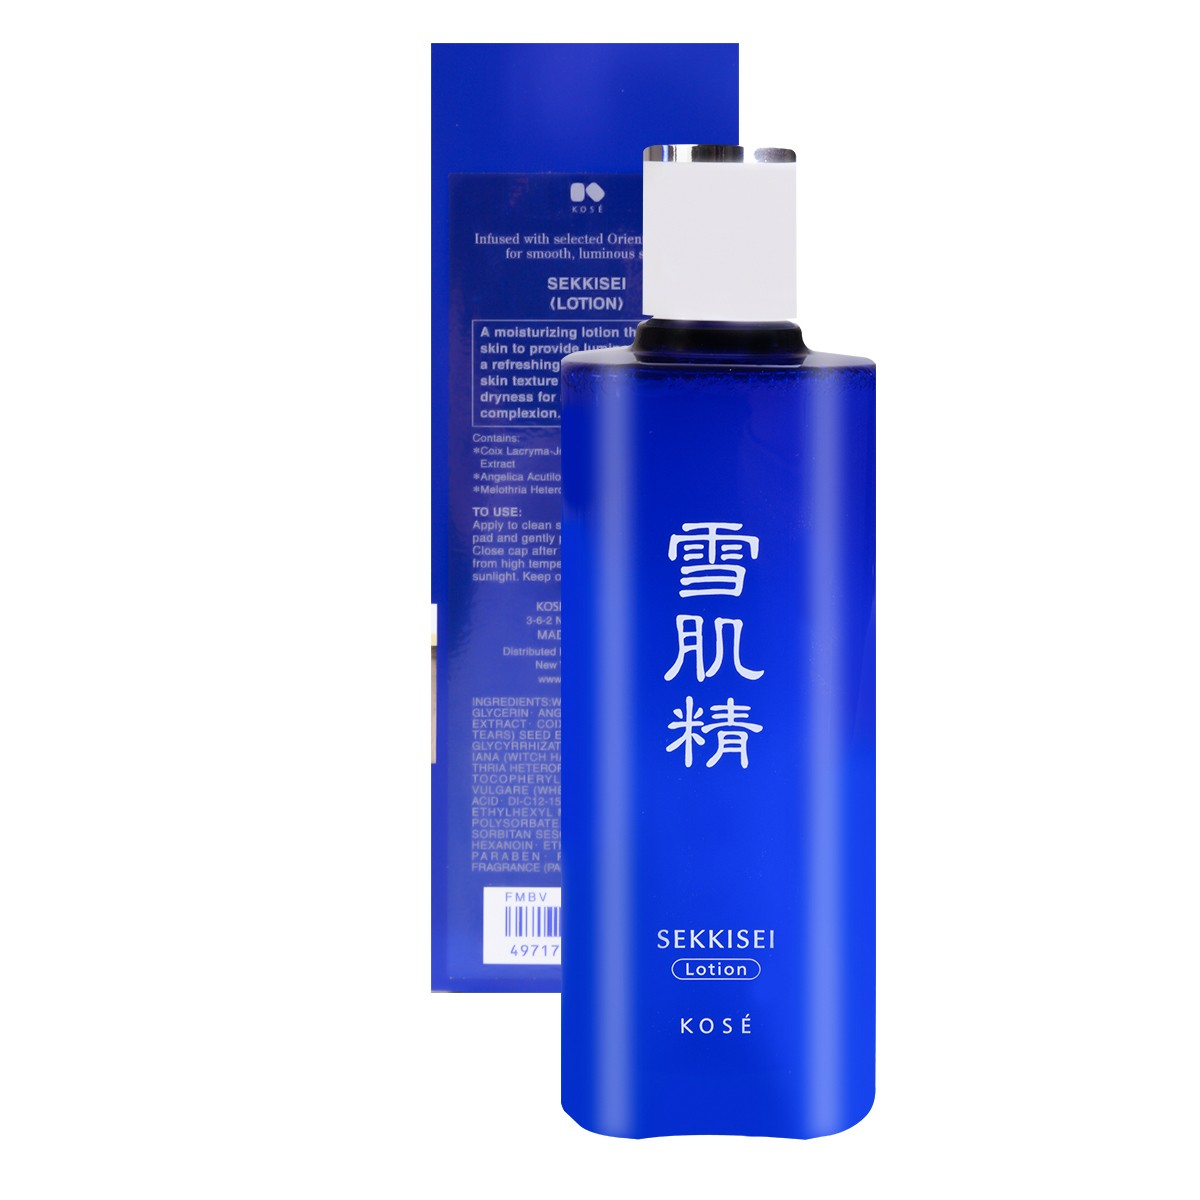 日本KOSE高丝 雪肌精 化妆水雪水 360ml 范冰冰推荐